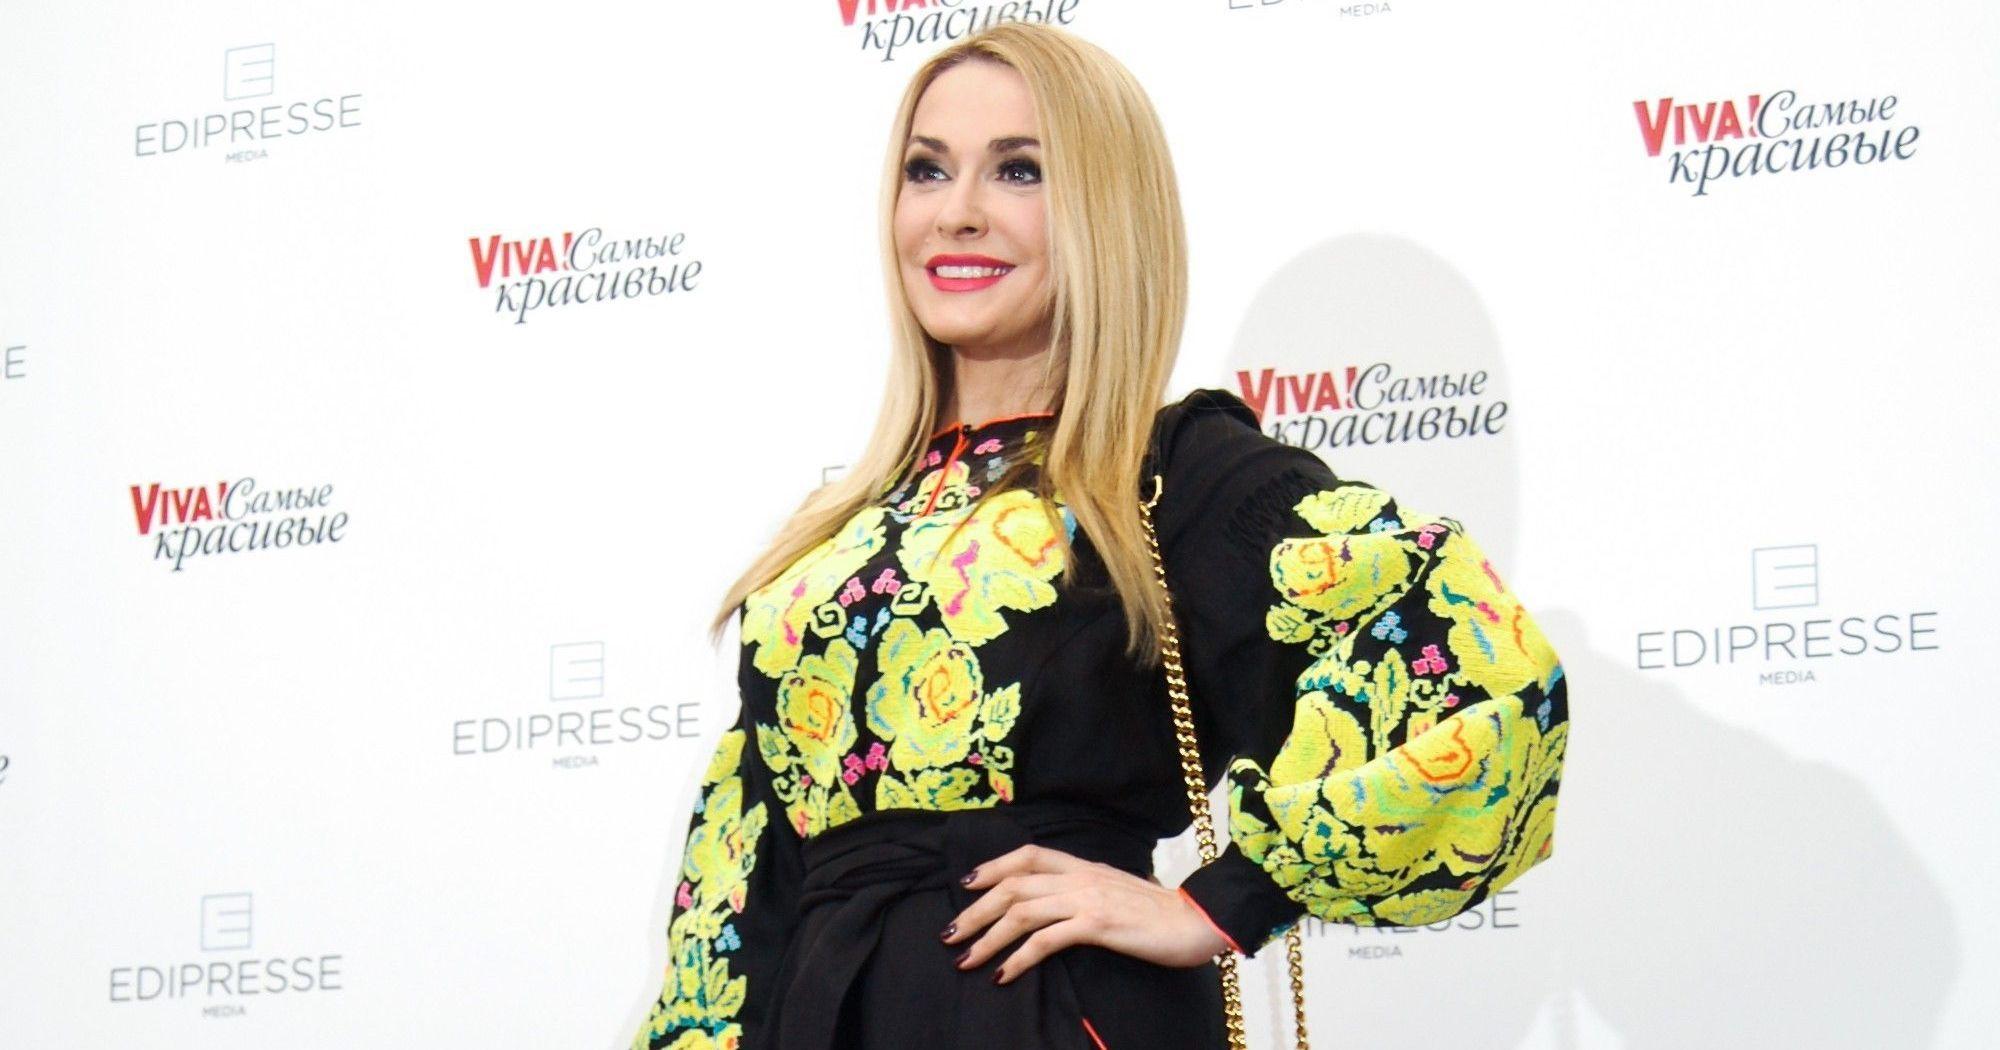 В платье-вышиванке и с сумочкой Moschino: Ольга Сумская блистала на красной дорожке в эффектном образе